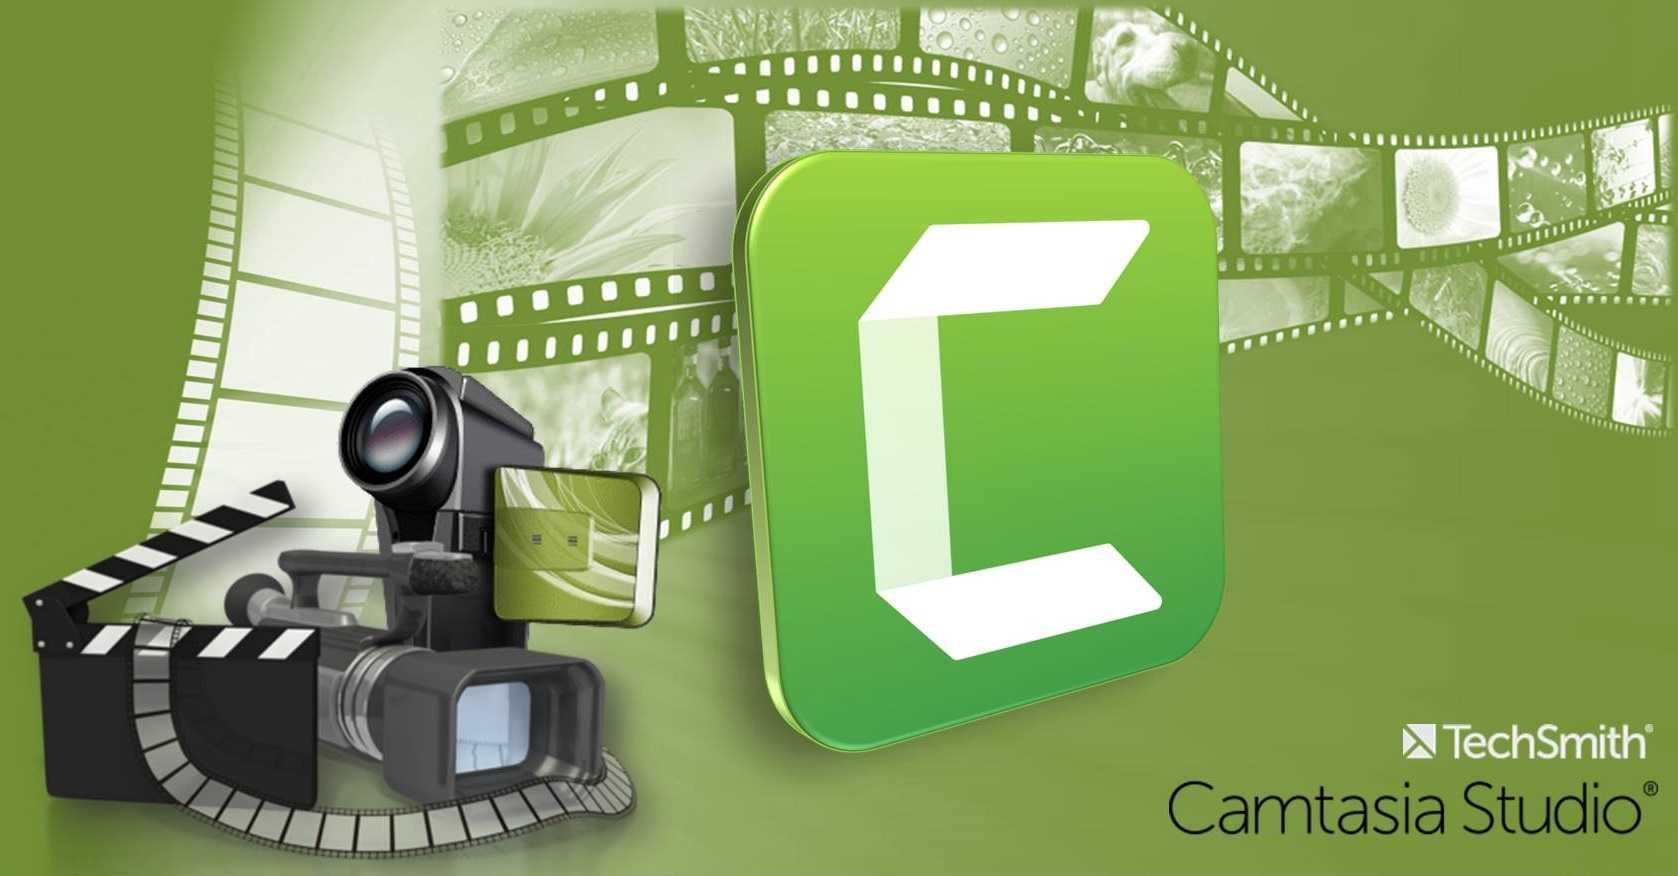 برنامج كامتازيا 2018 اهم مميزات الاصدار الجديد للبرنامج